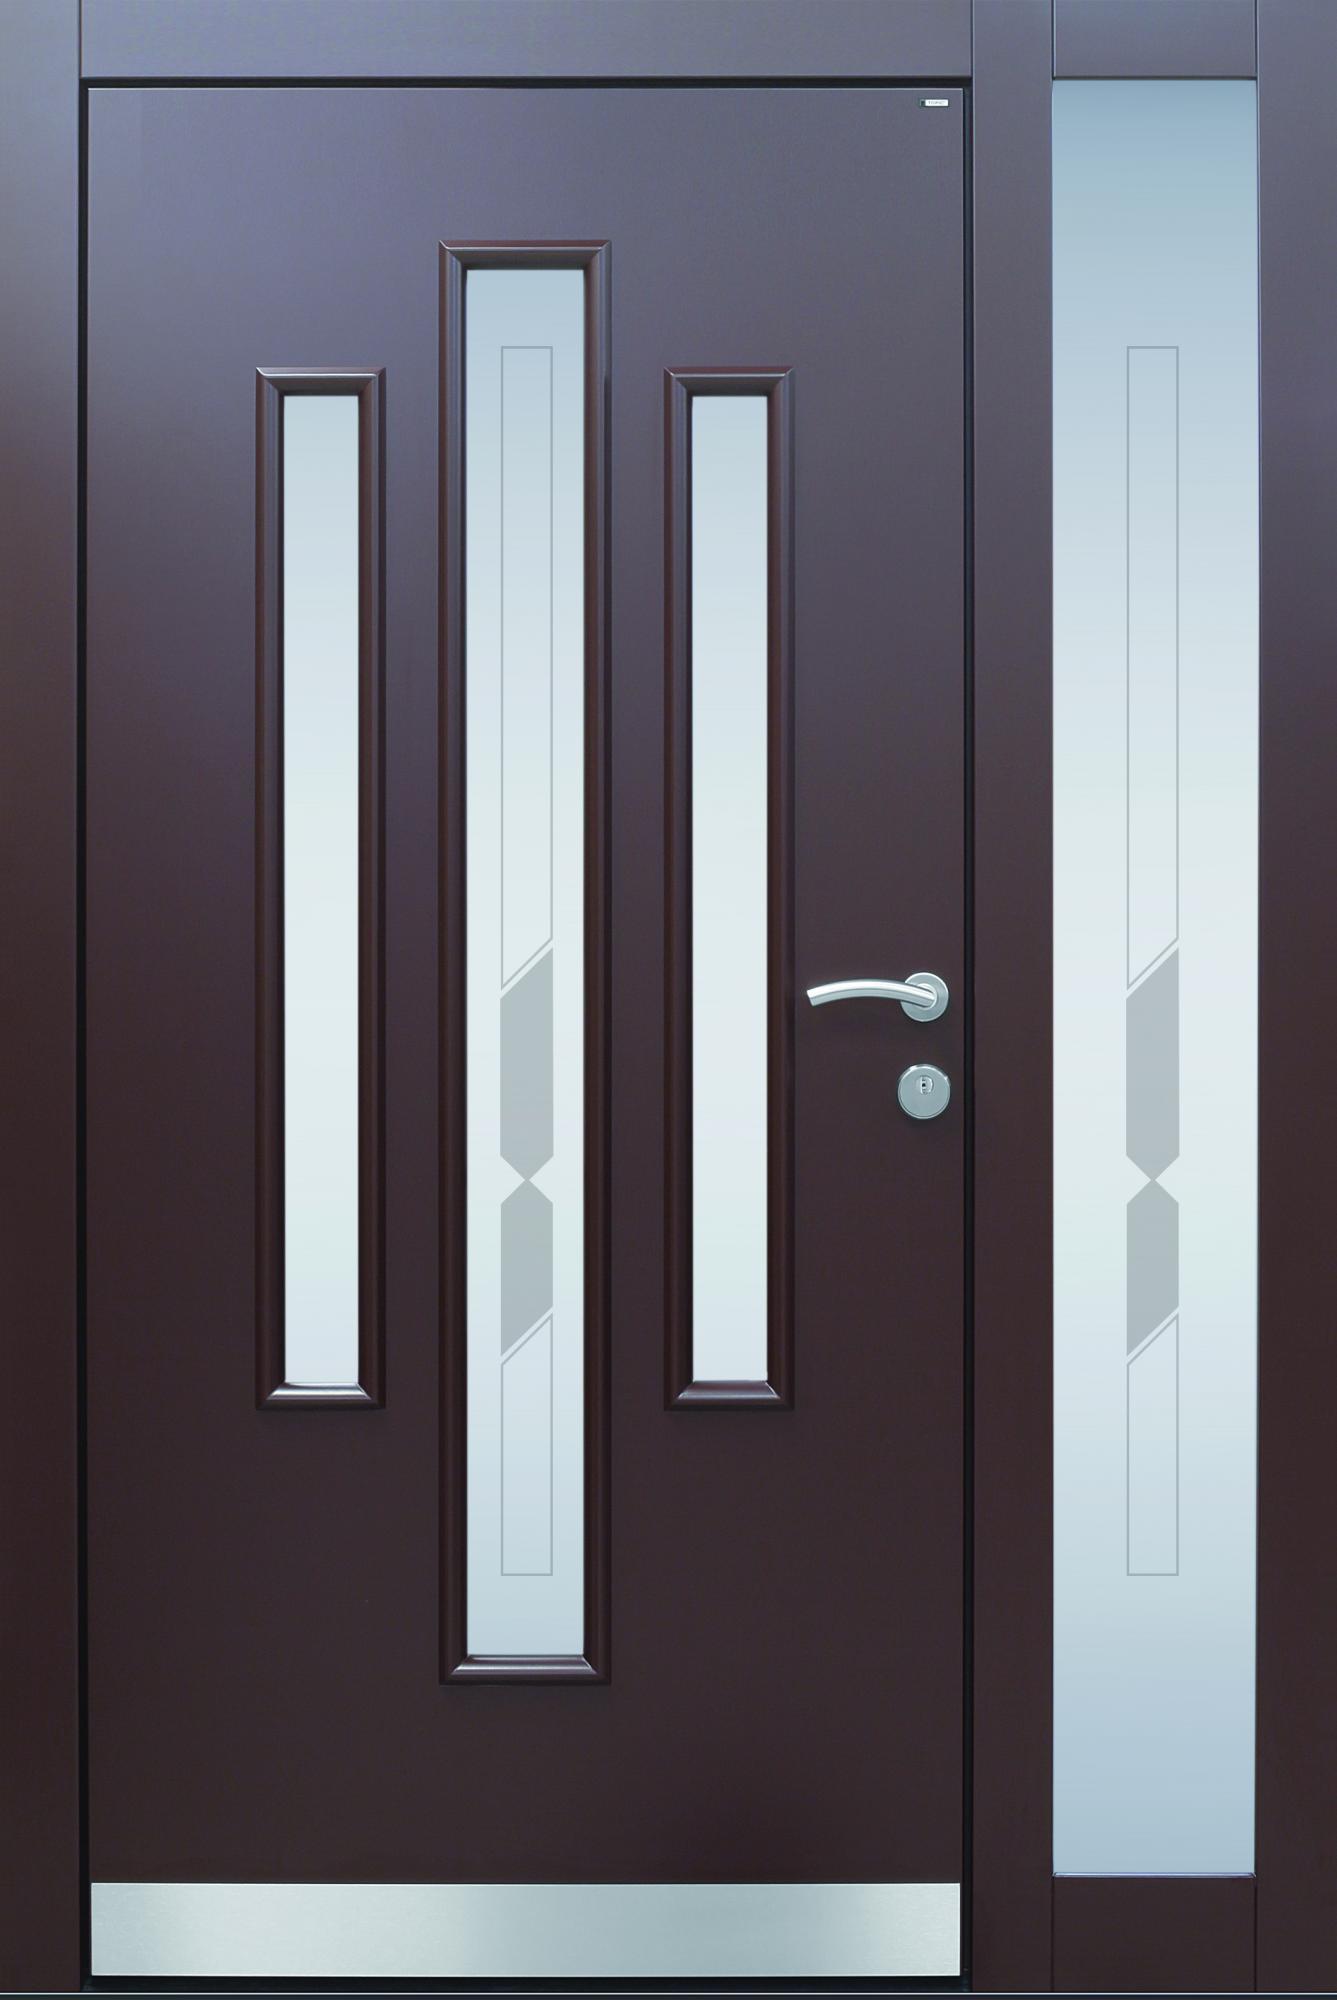 Klassische Haustüren topic haustüren meisterhand topic haustüren u wohnungstüren